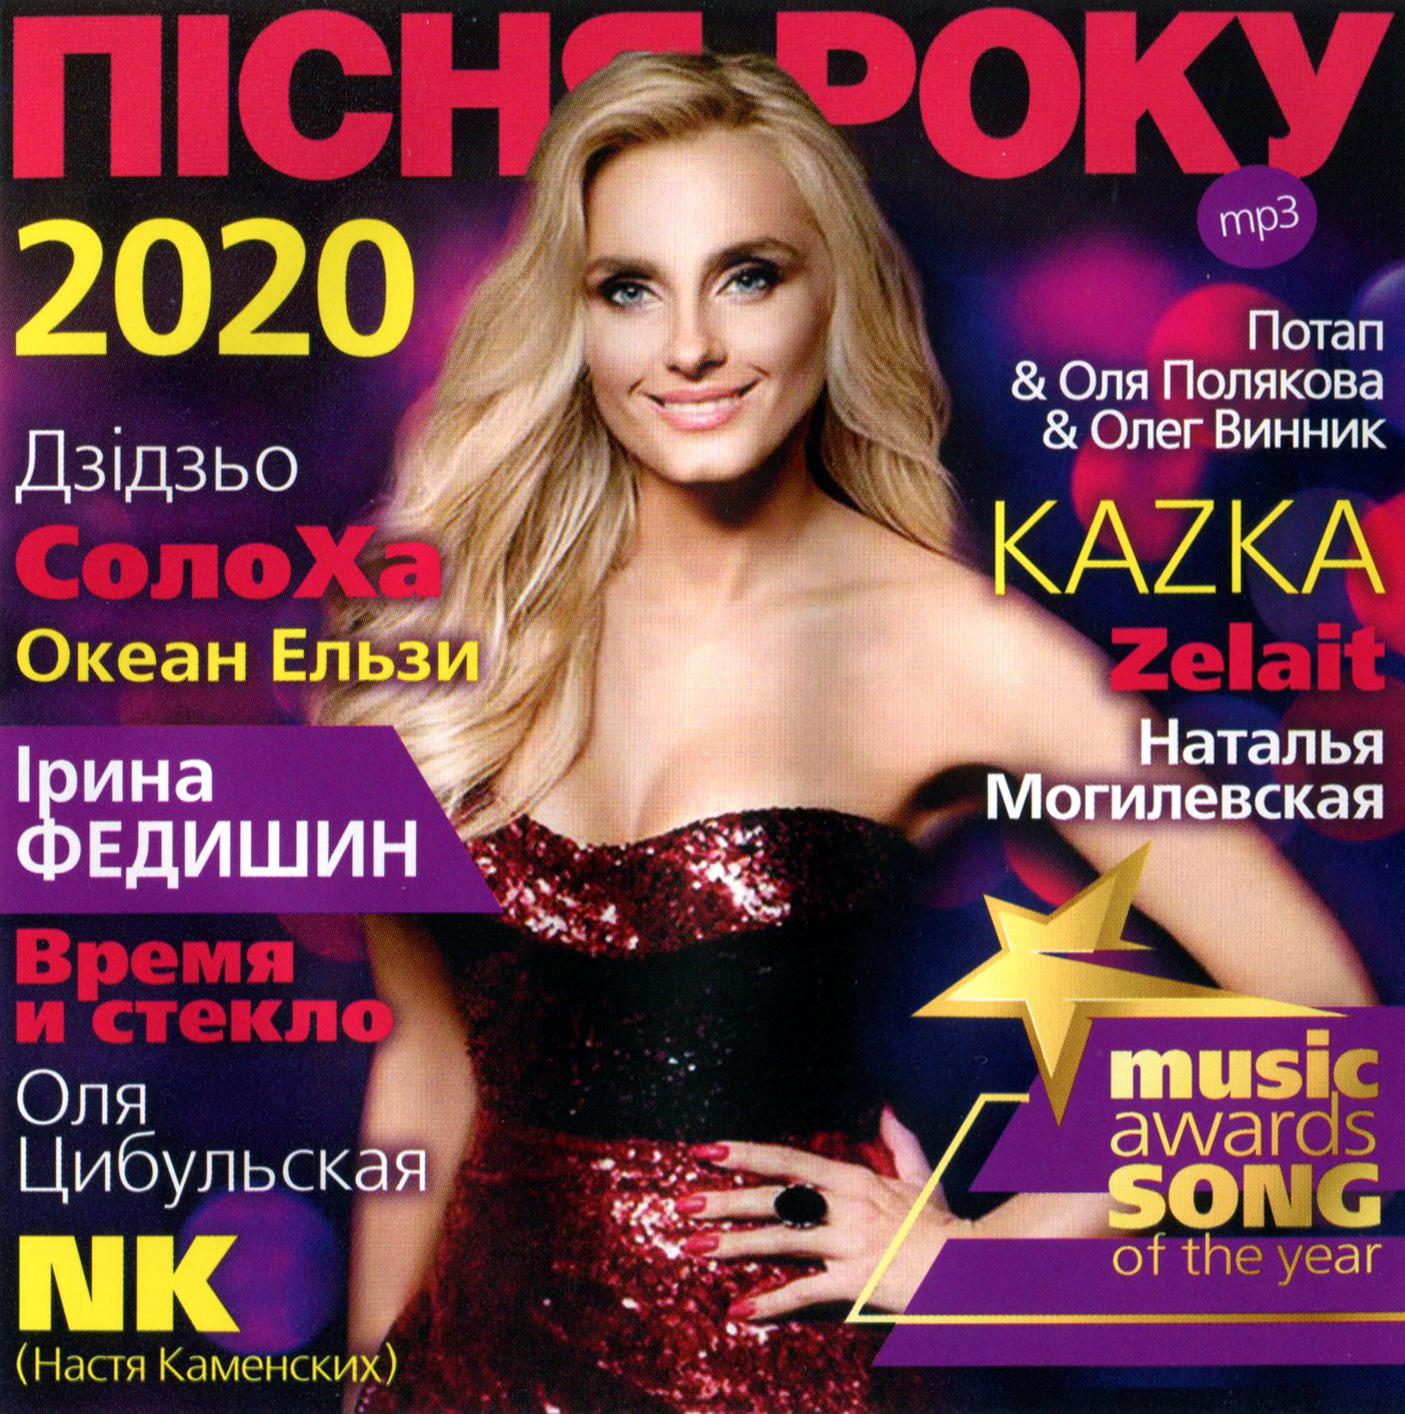 ПІСНЯ РОКУ - 2020 [mp3]